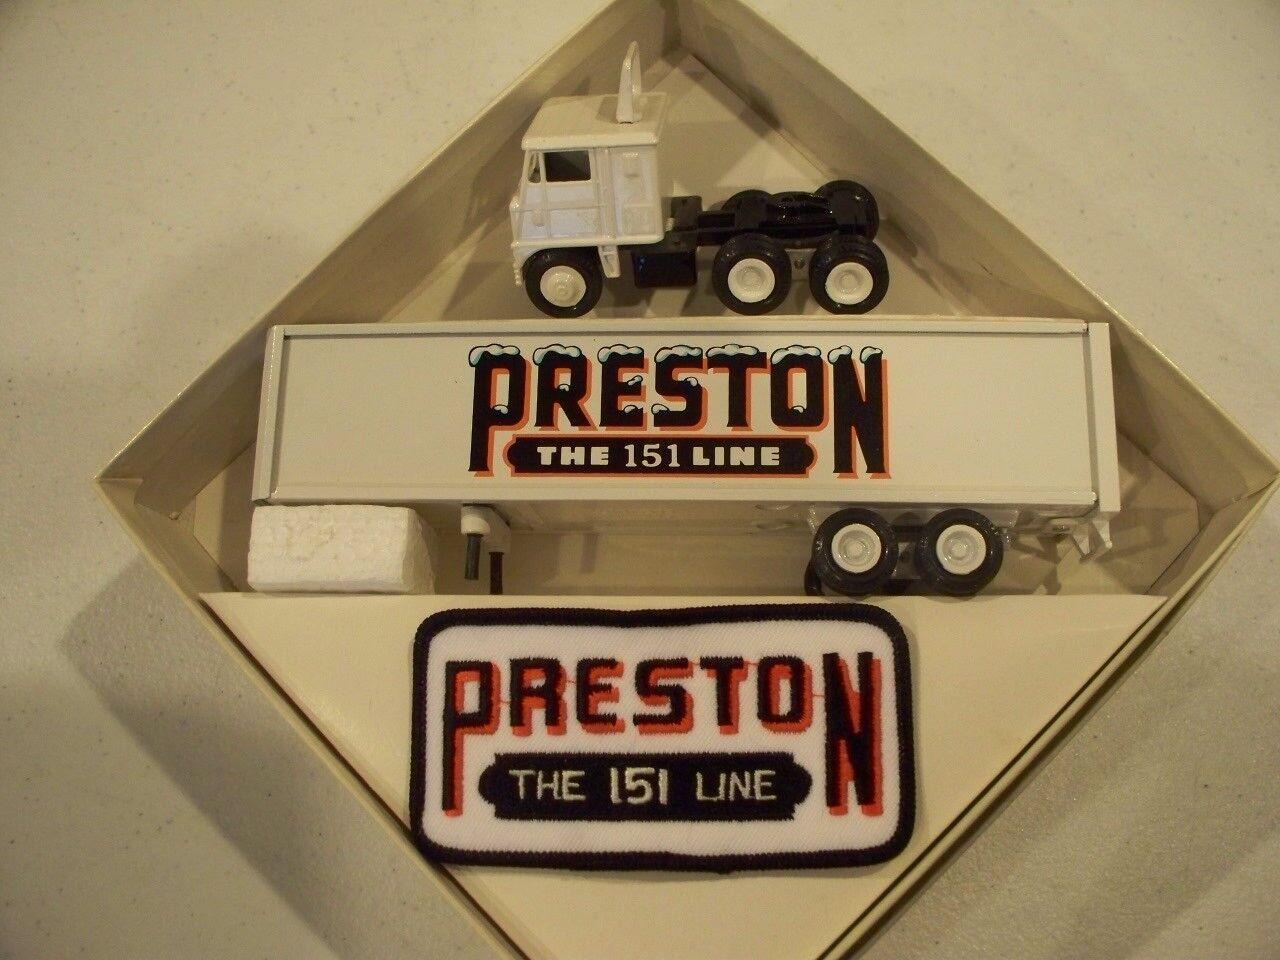 mas preferencial Preston camiones el 151 151 151 línea hierba 1980 remolque de tractor Winross modelo de empresa  el mas reciente